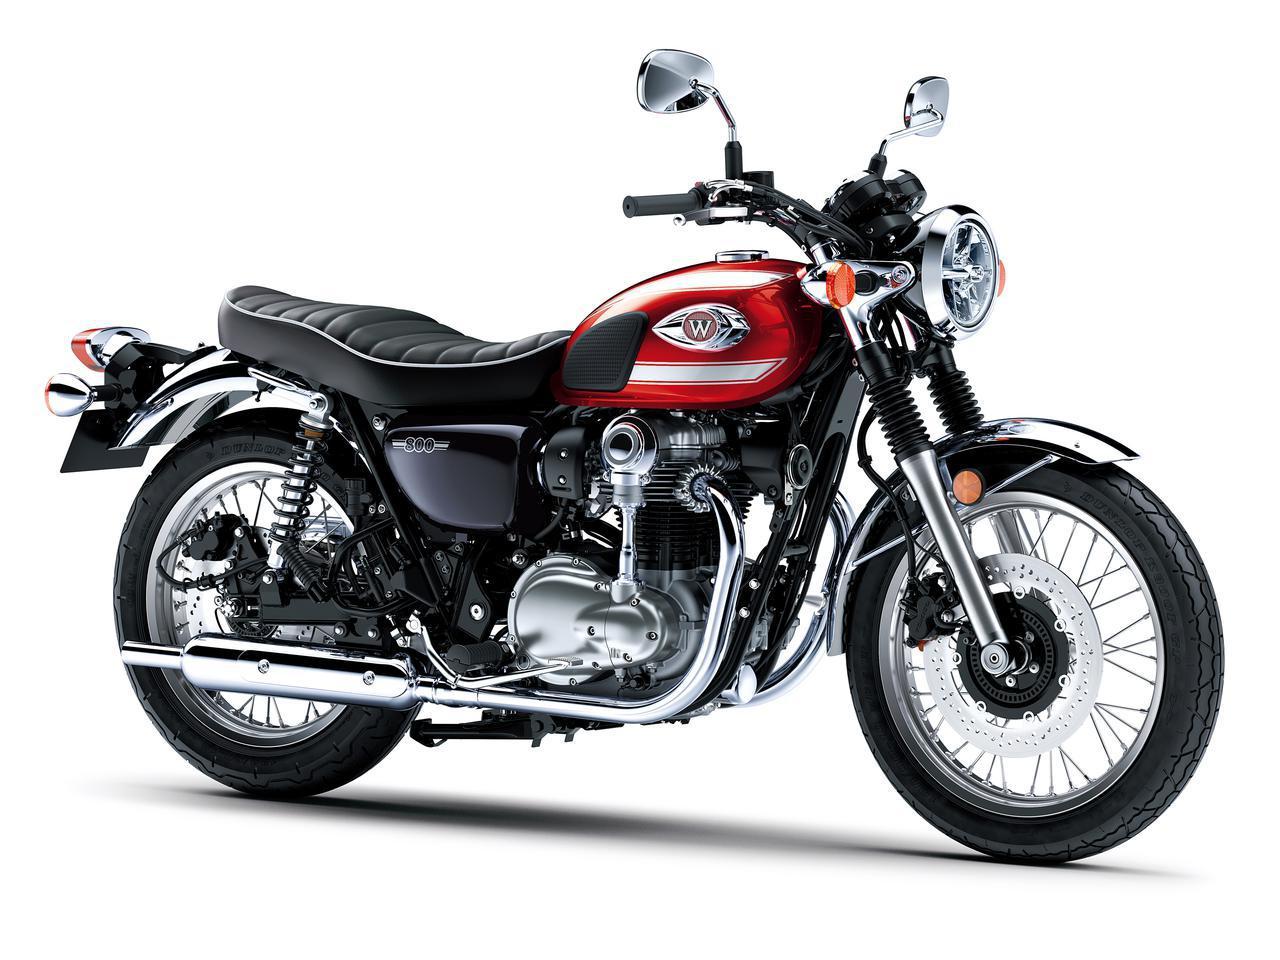 画像: Kawasaki W800 2022年モデル 総排気量:773cc エンジン形式:空冷4ストSOHC4バルブ並列2気筒 シート高:790mm 車両重量:226kg 発売日:2021年12月17日(金) 税込価格:117万7000円